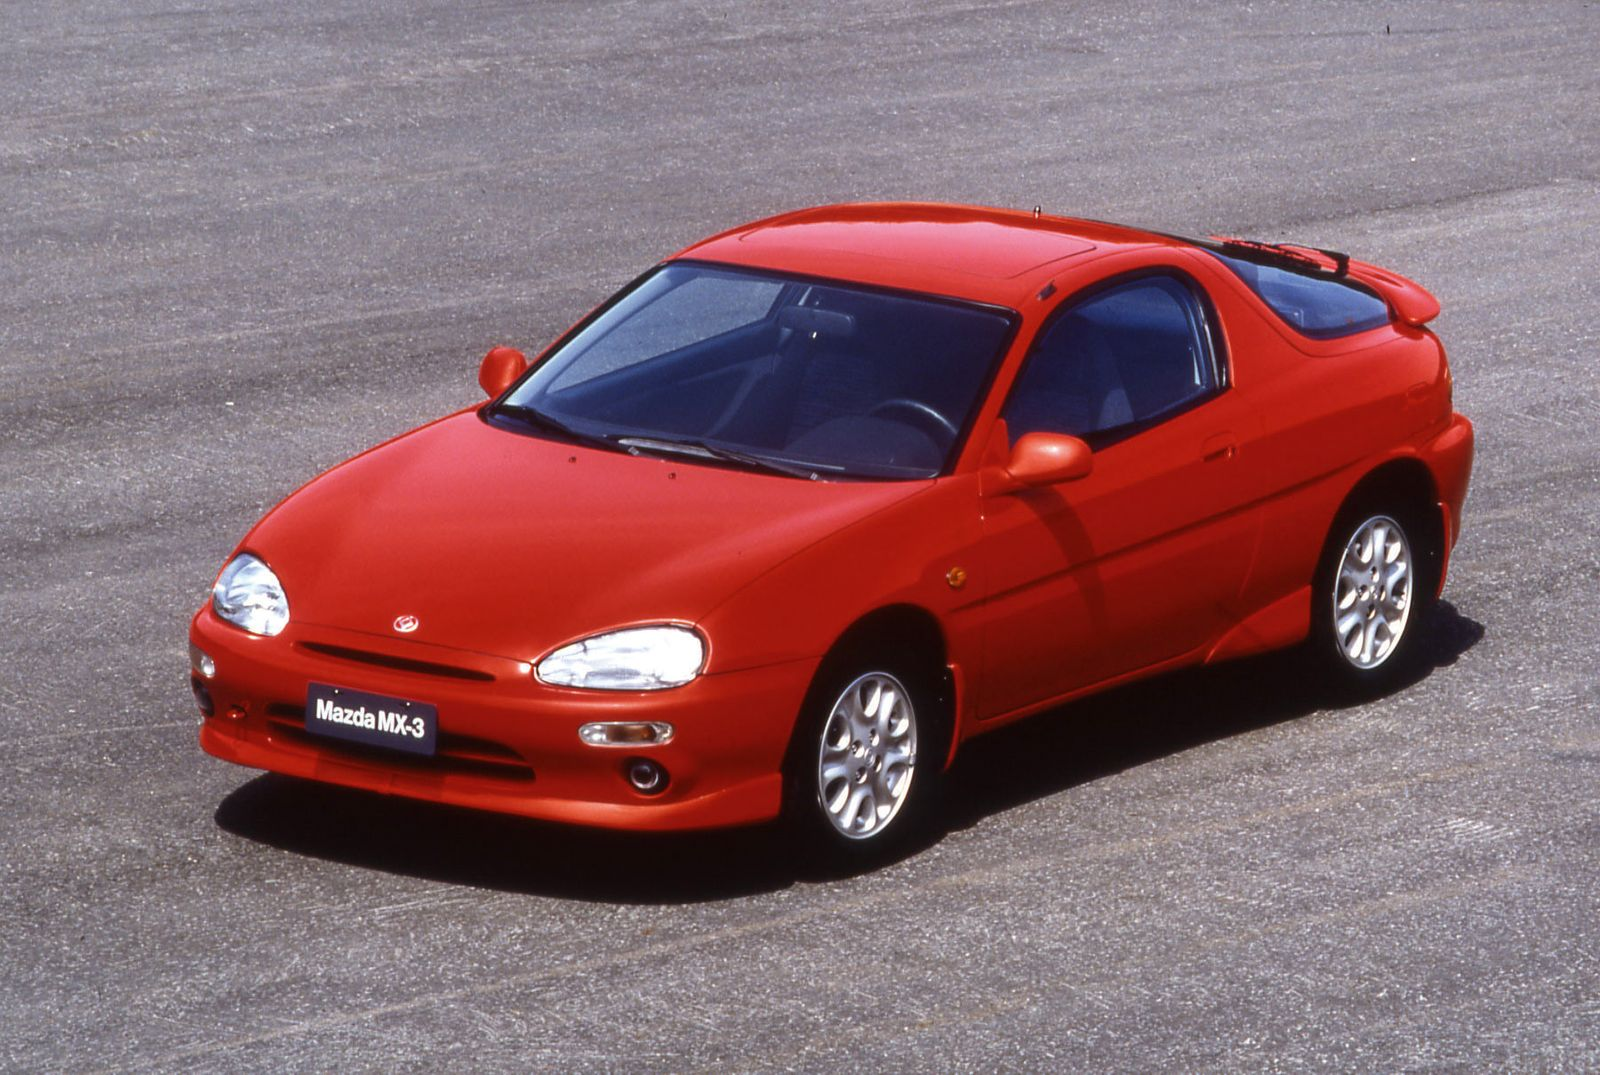 Mazda_MX-3_1991